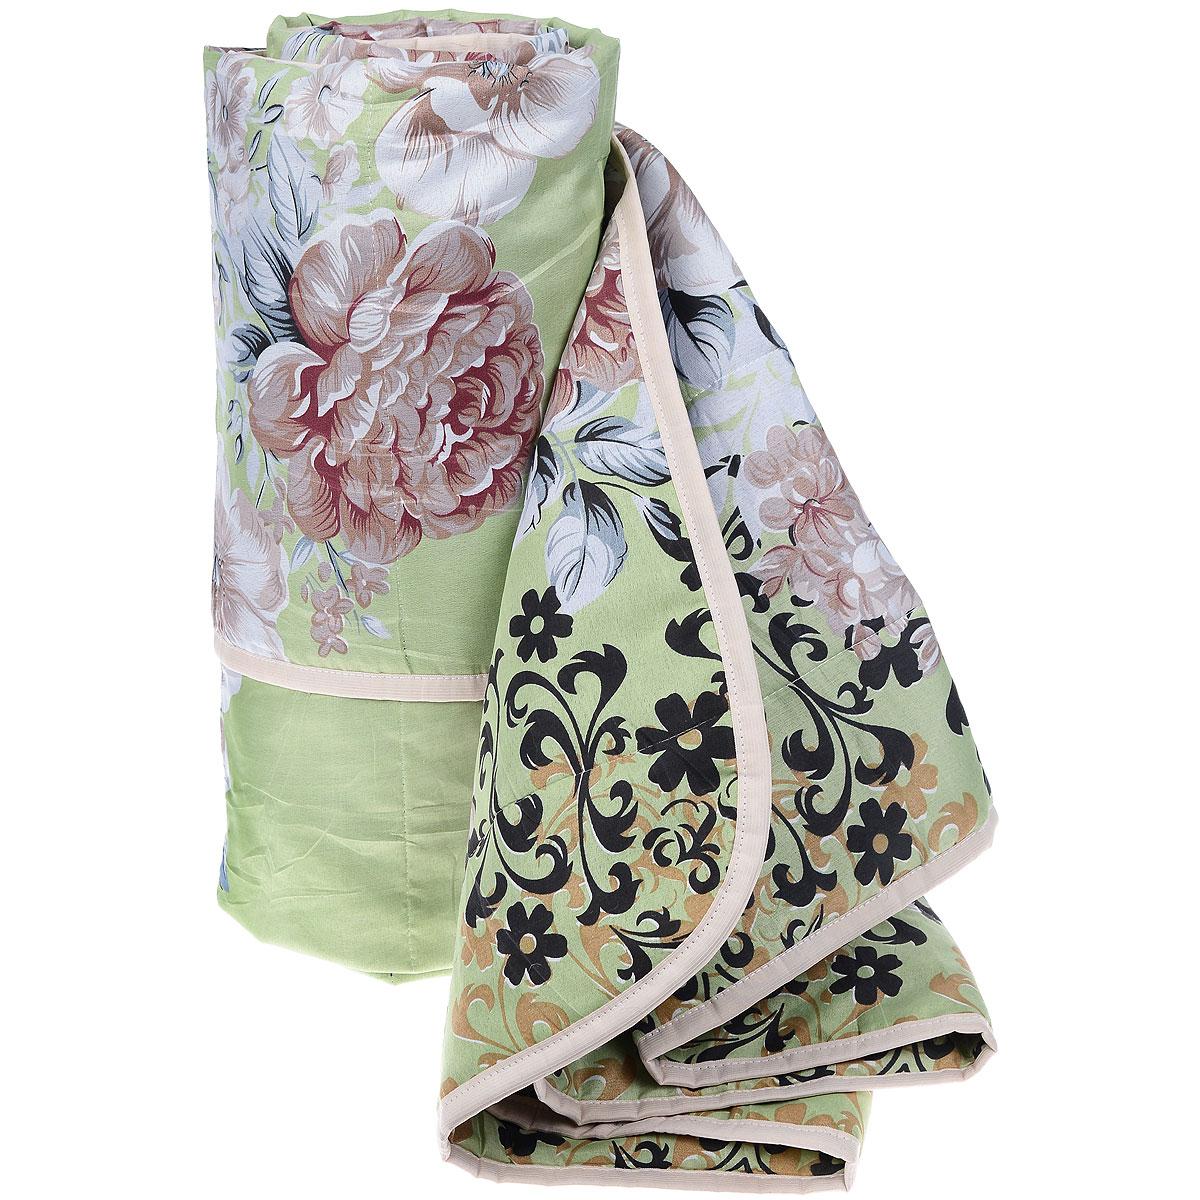 Одеяло летнее OL-Tex Miotex, наполнитель: холфитекс, цвет: зеленый, коричневый, 200 х 220 см МХПЭ-22-1МХПЭ-22-1_зеленый, коричневые цветыЛегкое летнее одеяло OL-Tex Miotex создаст комфорт и уют во время сна. Чехол выполнен из полиэстера и оформлен красочным цветочным рисунком. Внутри - современный наполнитель из полиэфирного высокосиликонизированного волокна холфитекс, упругий и качественный. Прекрасно держит тепло. Одеяло с наполнителем холфитекс легкое и комфортное. Даже после многократных стирок не теряет свою форму, наполнитель не сбивается, так как одеяло простегано и окантовано.Рекомендации по уходу:- Ручная и машинная стирка при температуре 30°С.- Не гладить.- Не отбеливать. - Нельзя отжимать и сушить в стиральной машине.- Сушить вертикально. Размер одеяла: 200 см х 220 см. Материал чехла: 100% полиэстер. Материал наполнителя: холфитекс.